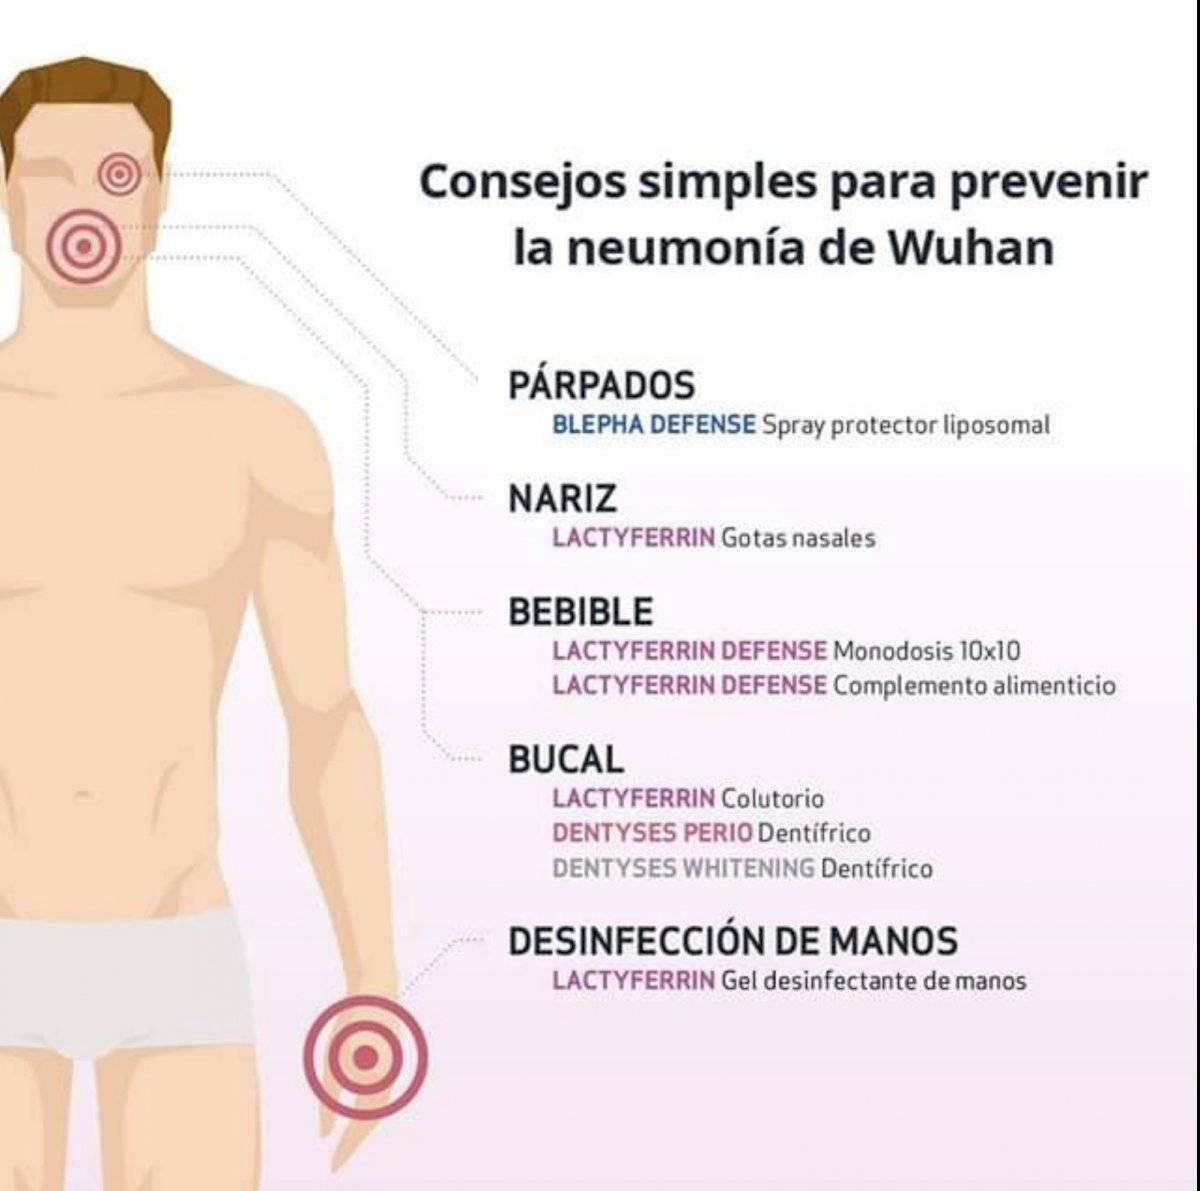 Productos para evitar el coronavirus